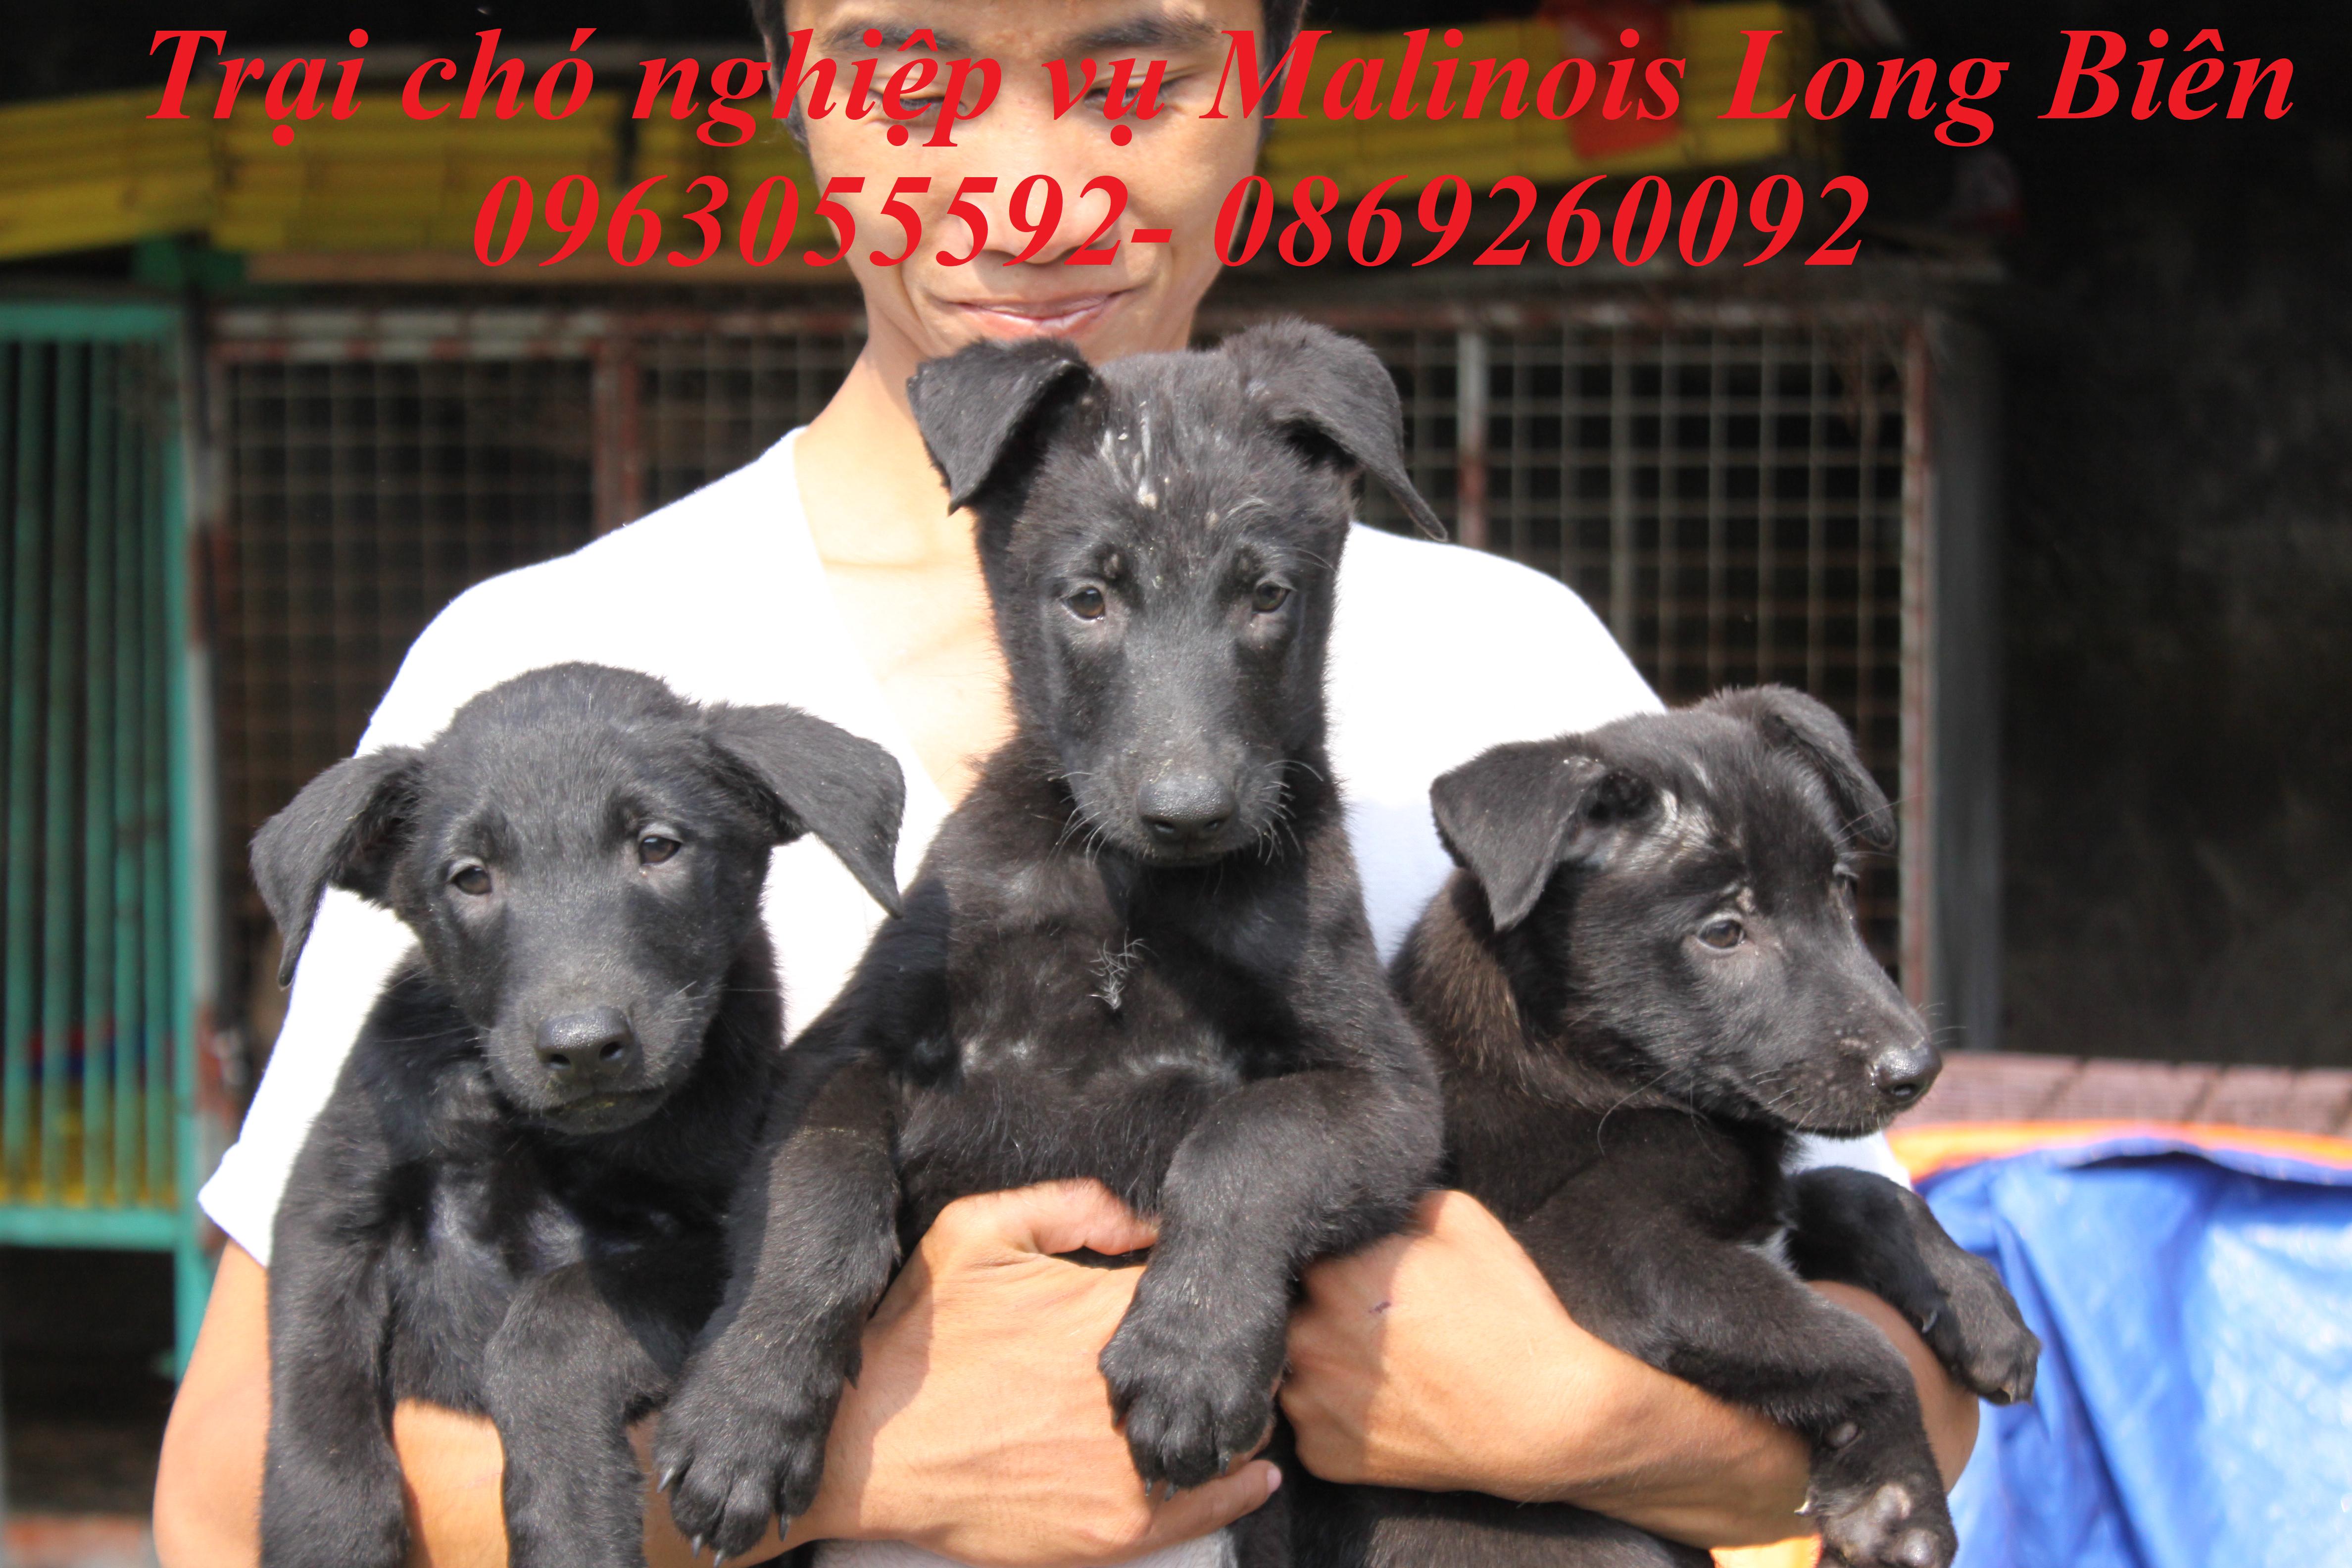 Chó becgie bỉ sinh sản tại trại chó malinois Long Biên 2 tháng tuổi siêu đáng yêu